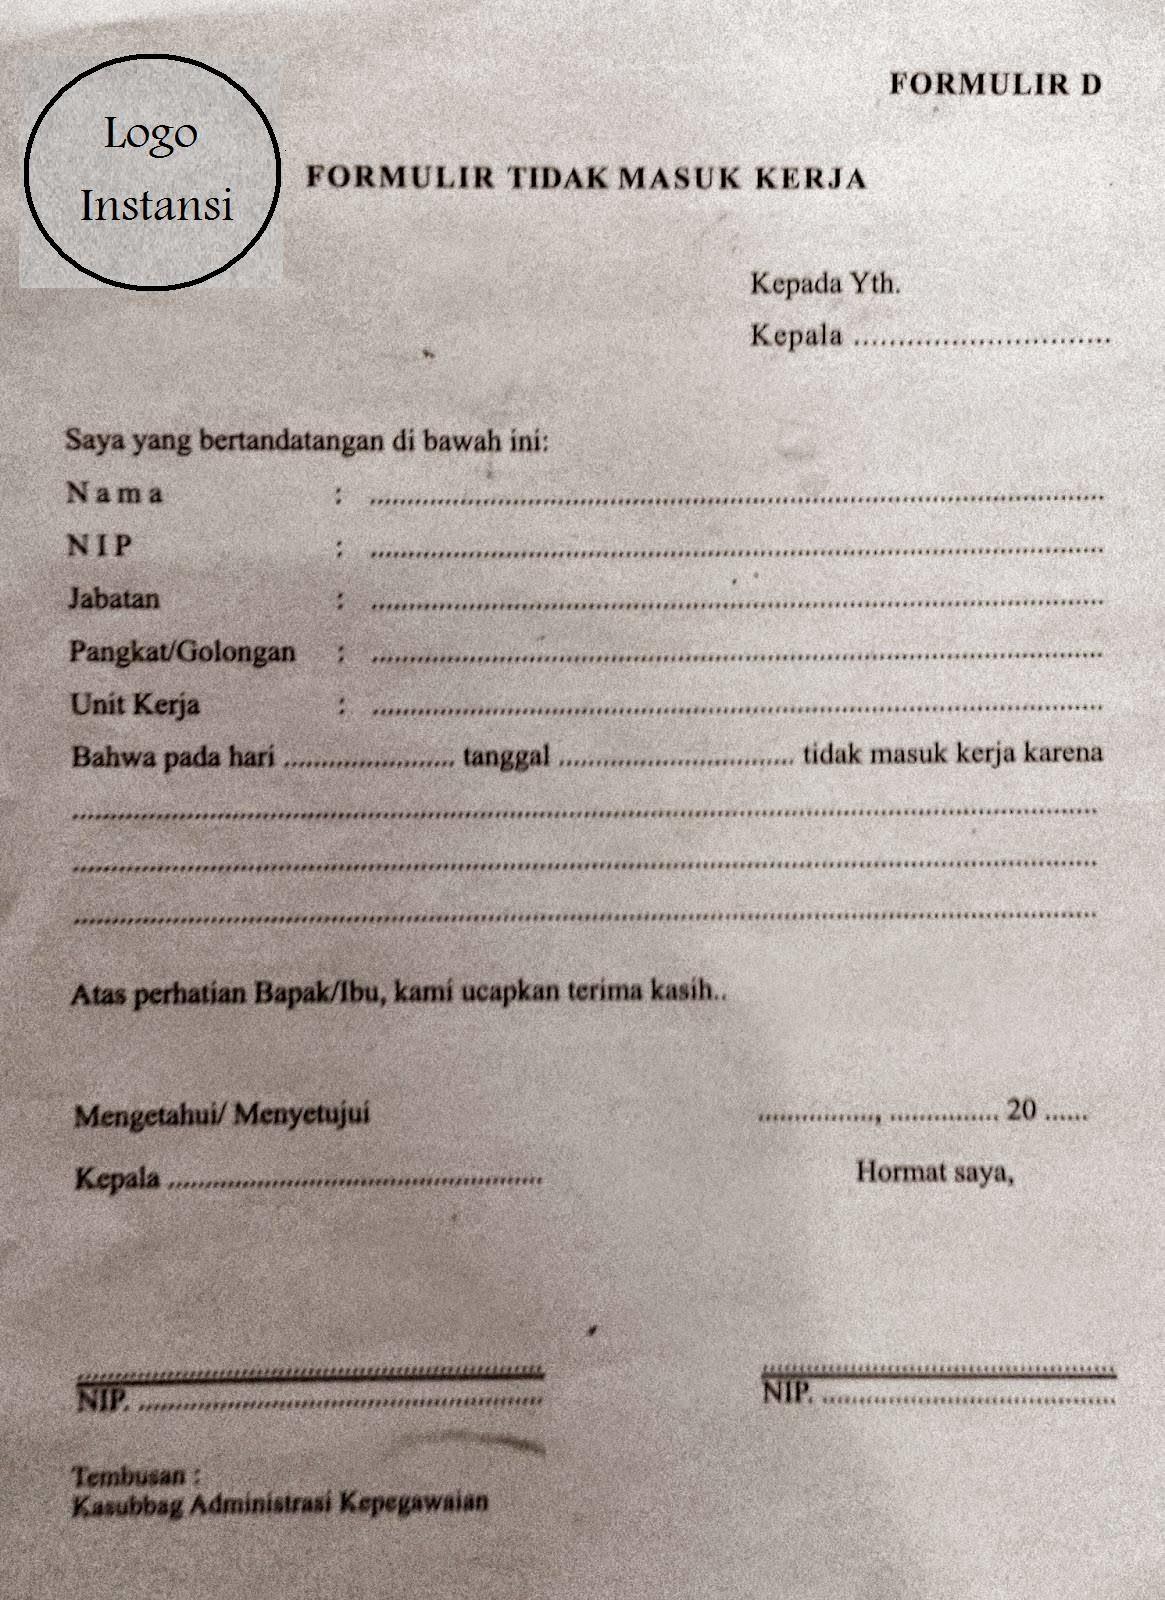 Contoh Surat / Formulir Tidak Masuk Kerja